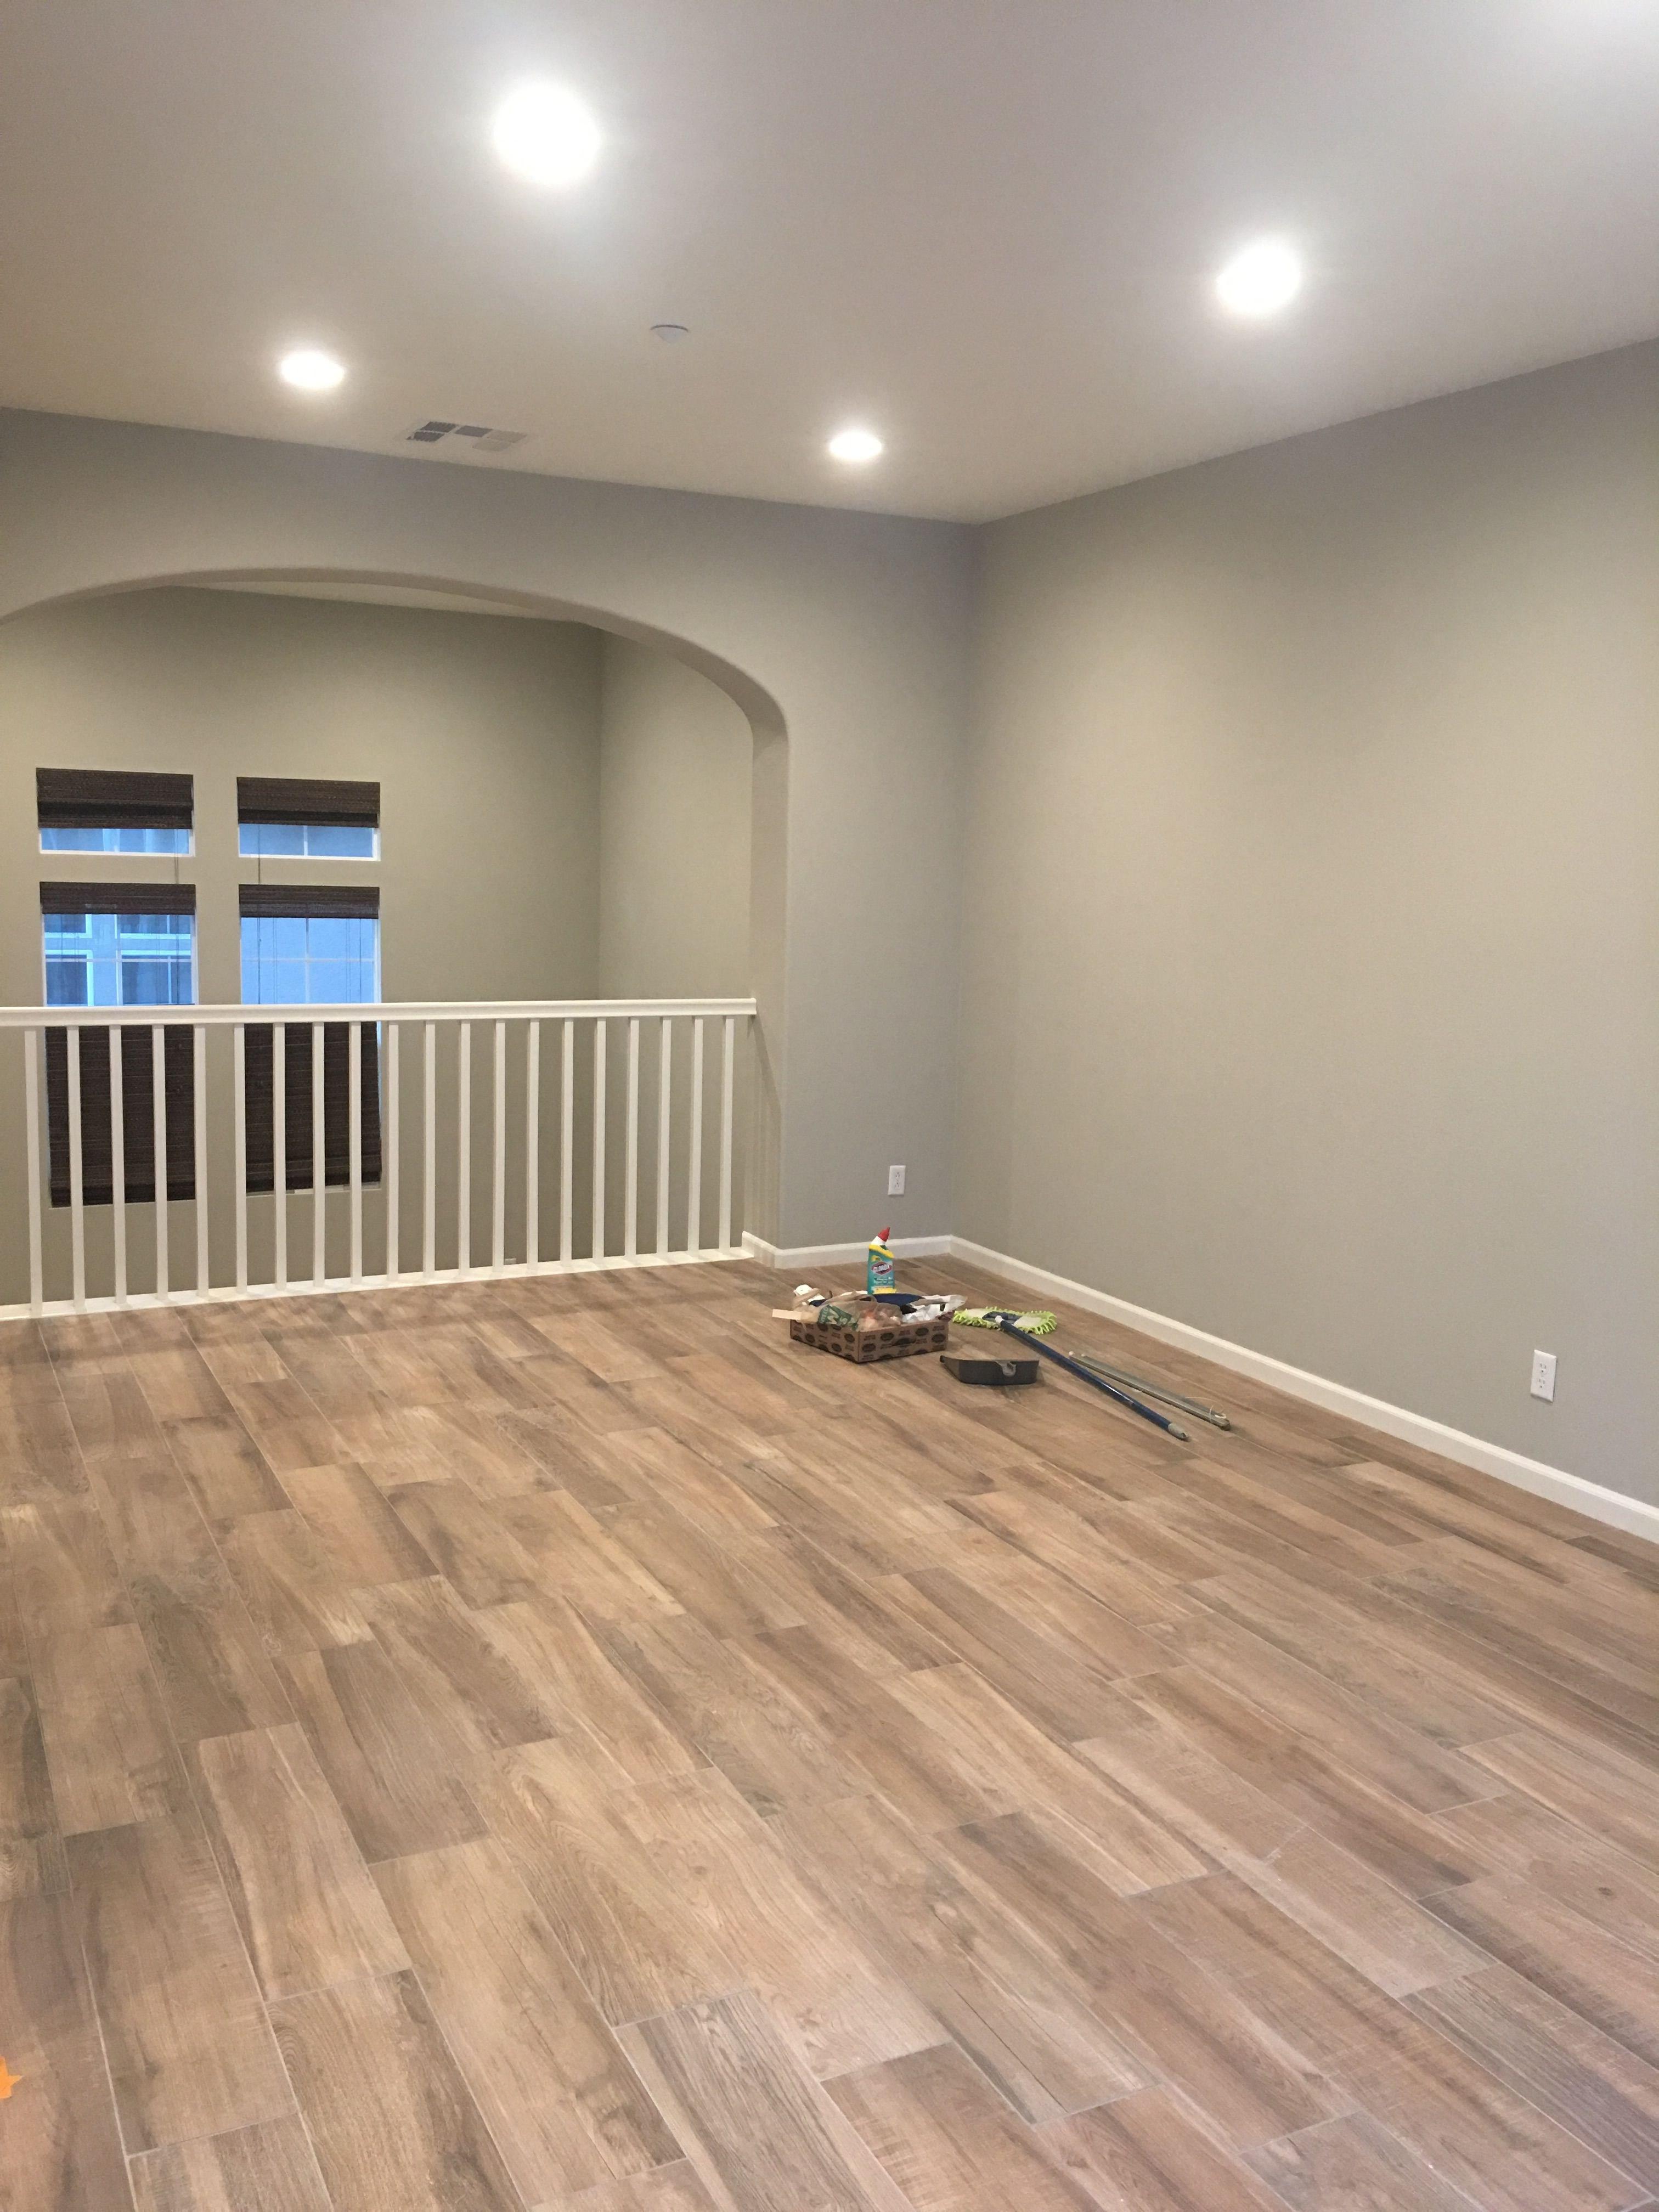 hardwood floor filler of mold on lumber regarding mold on lumber elegant wood look flooring hardwood floor designs plain designs wood floor